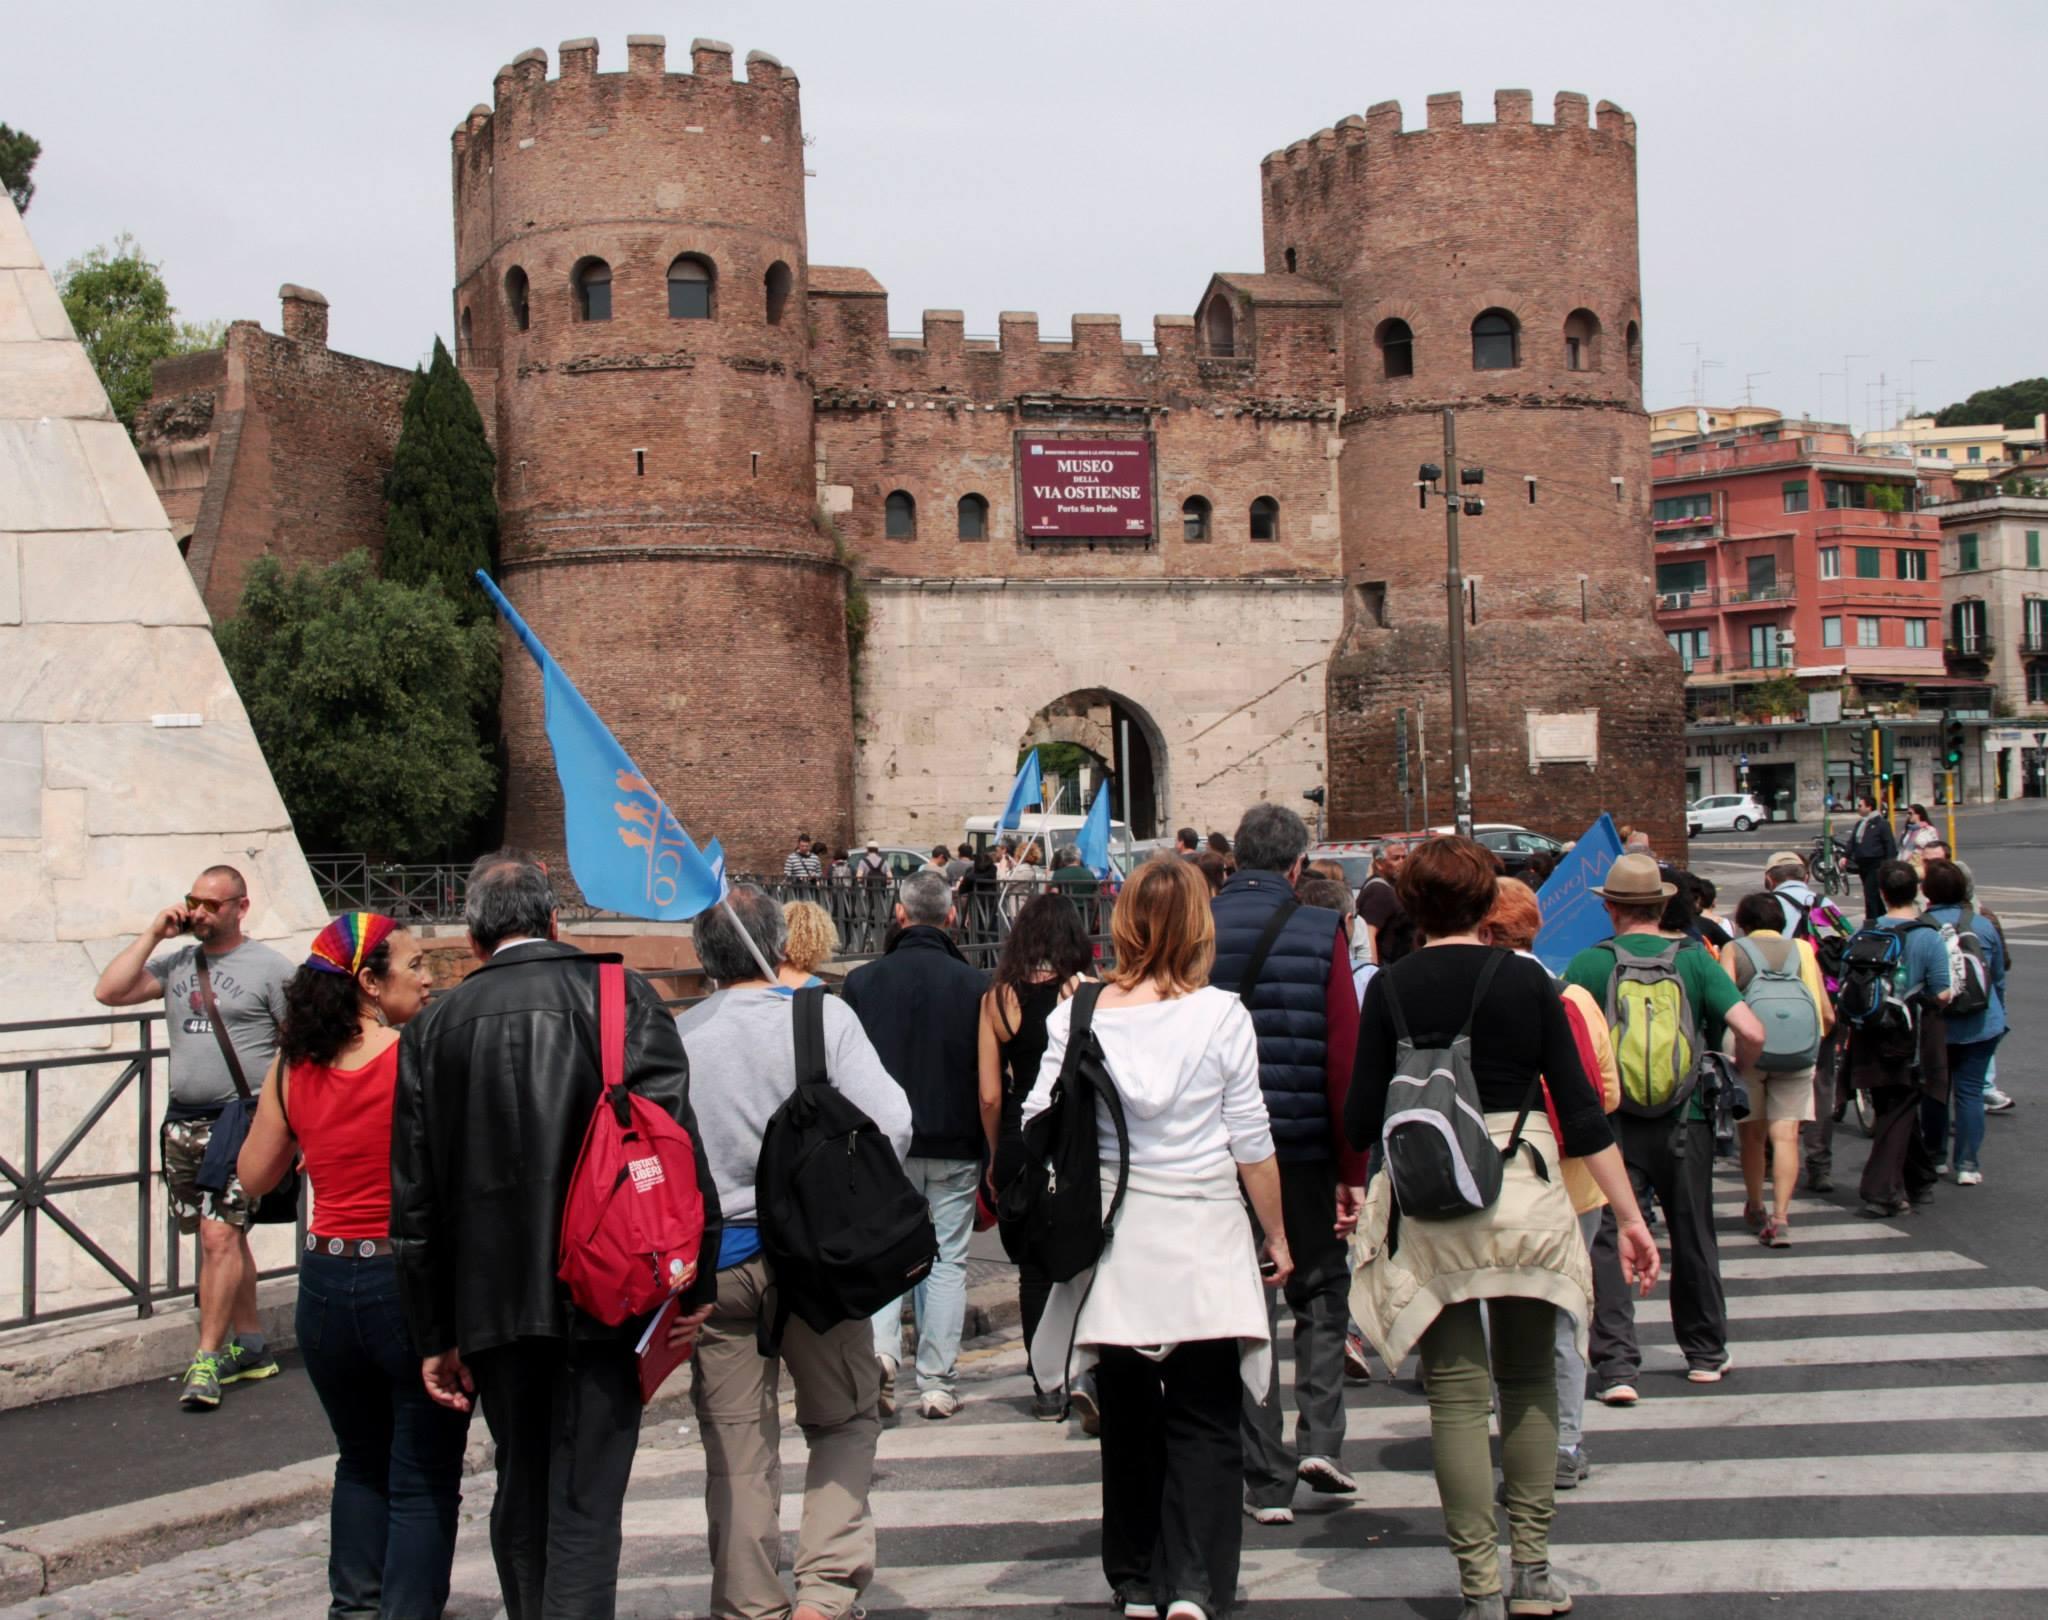 Porta S. Paolo